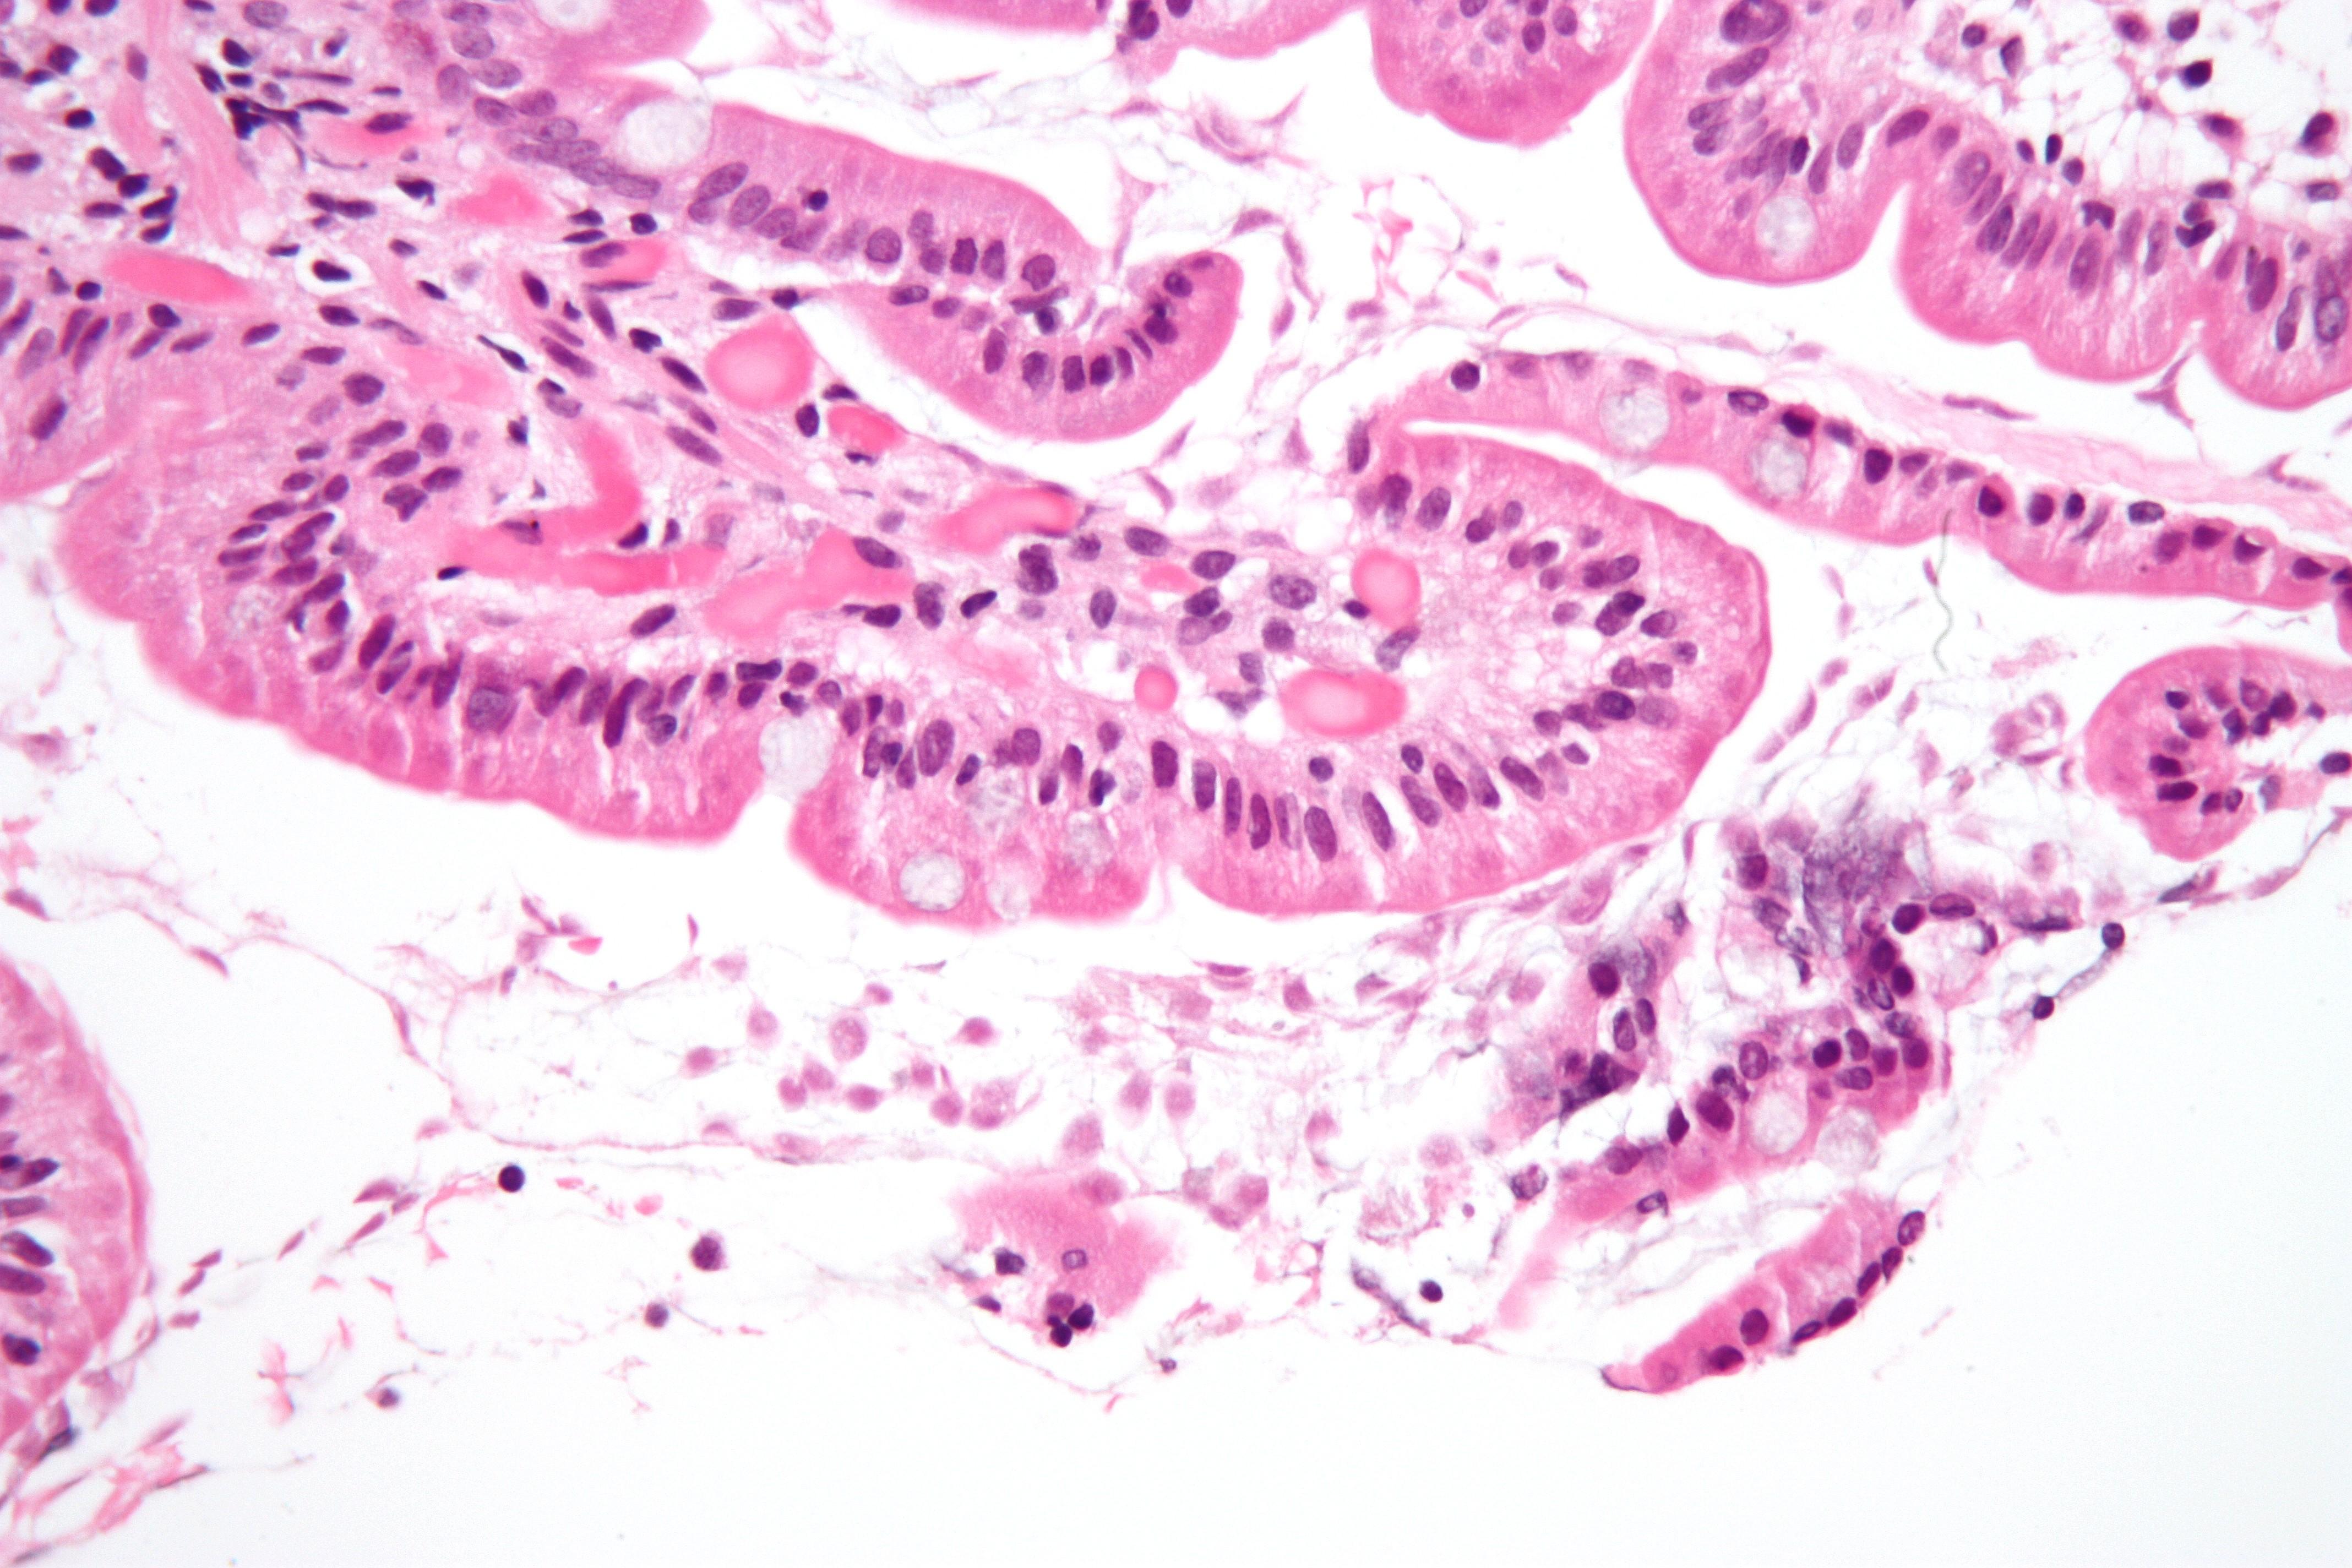 szövettani duodenum giardiasis